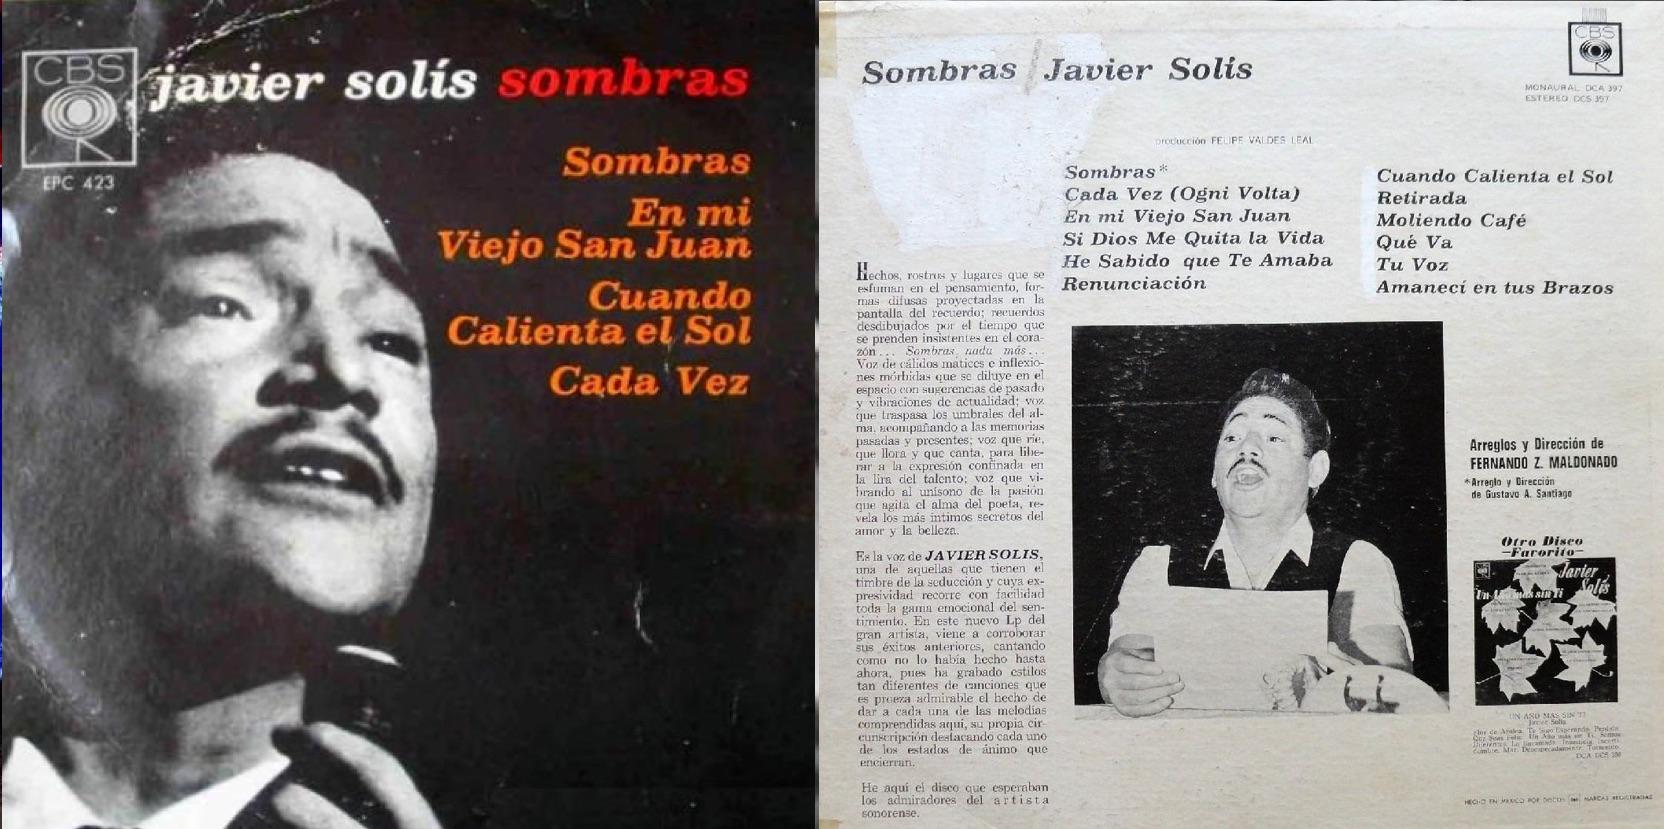 """""""Sombras"""", álbum de 1965 que incluyó """"He sabido que te amaba""""."""